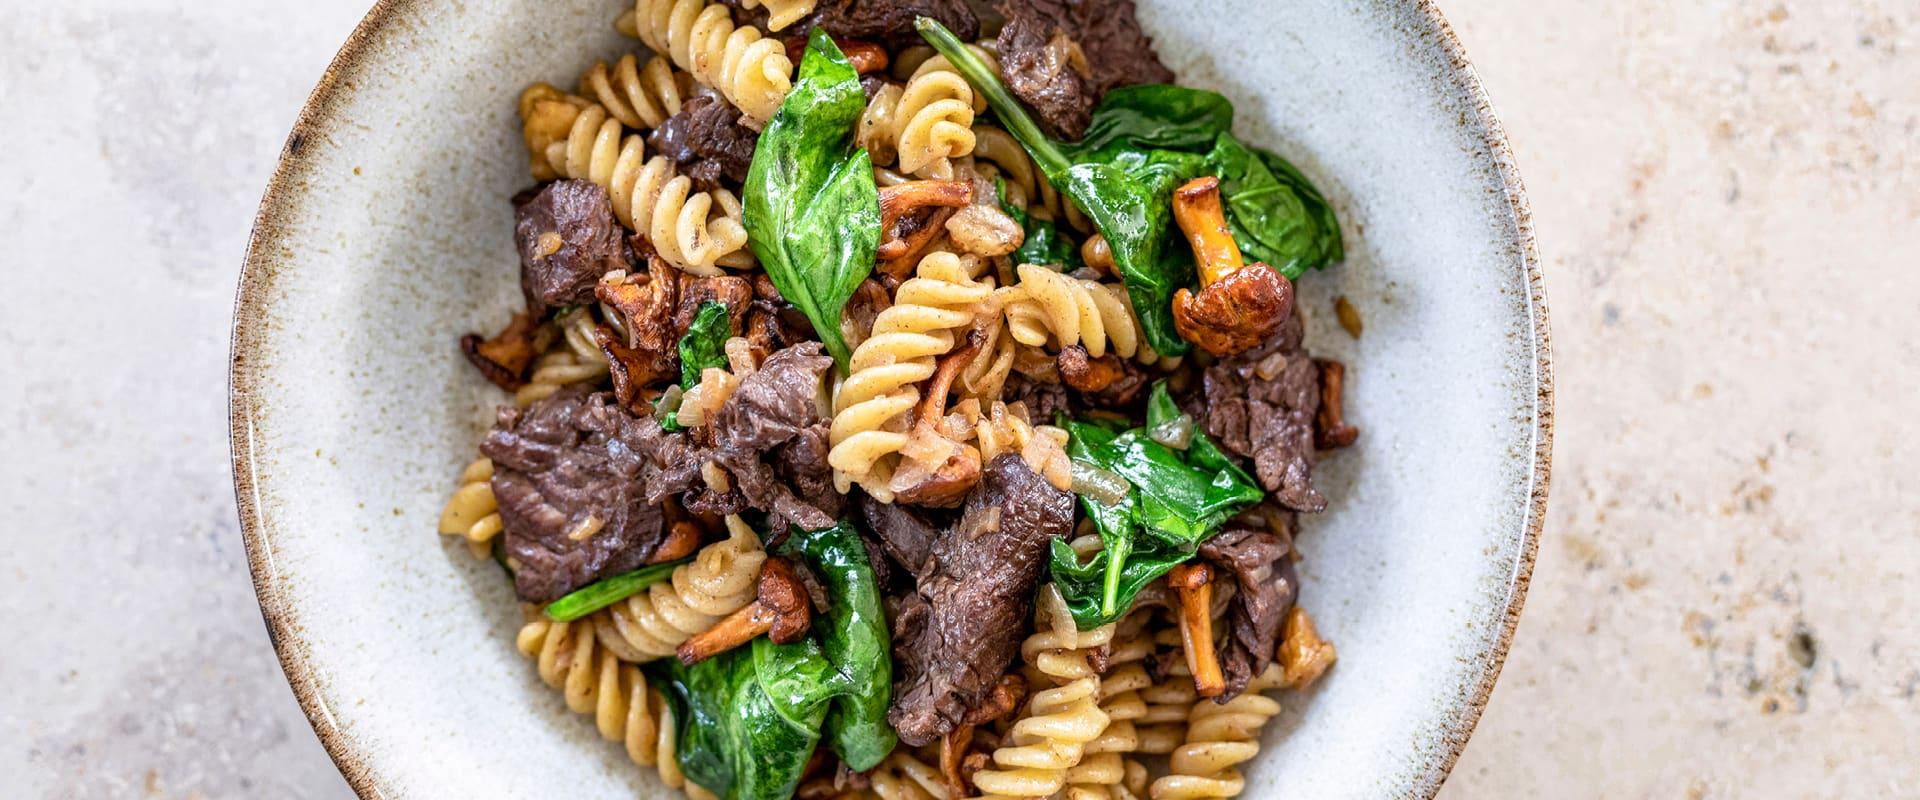 Onglet-Pasta mit Pfifferlingen, Spinat und Walnüssen